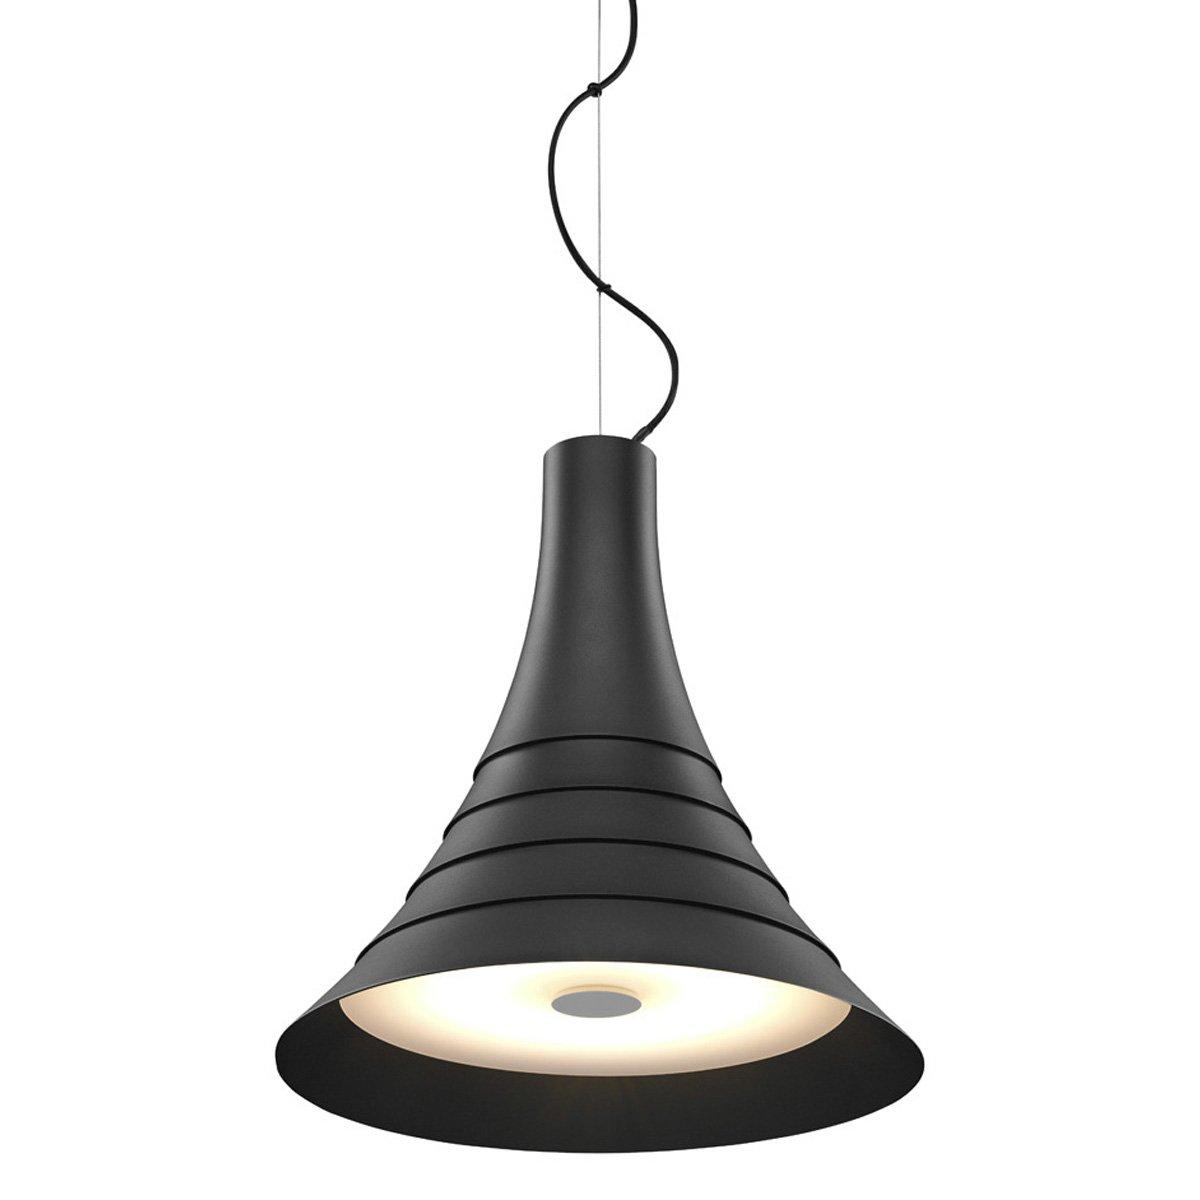 SLV - verlichting Hanglamp Bato SLV. 1000435